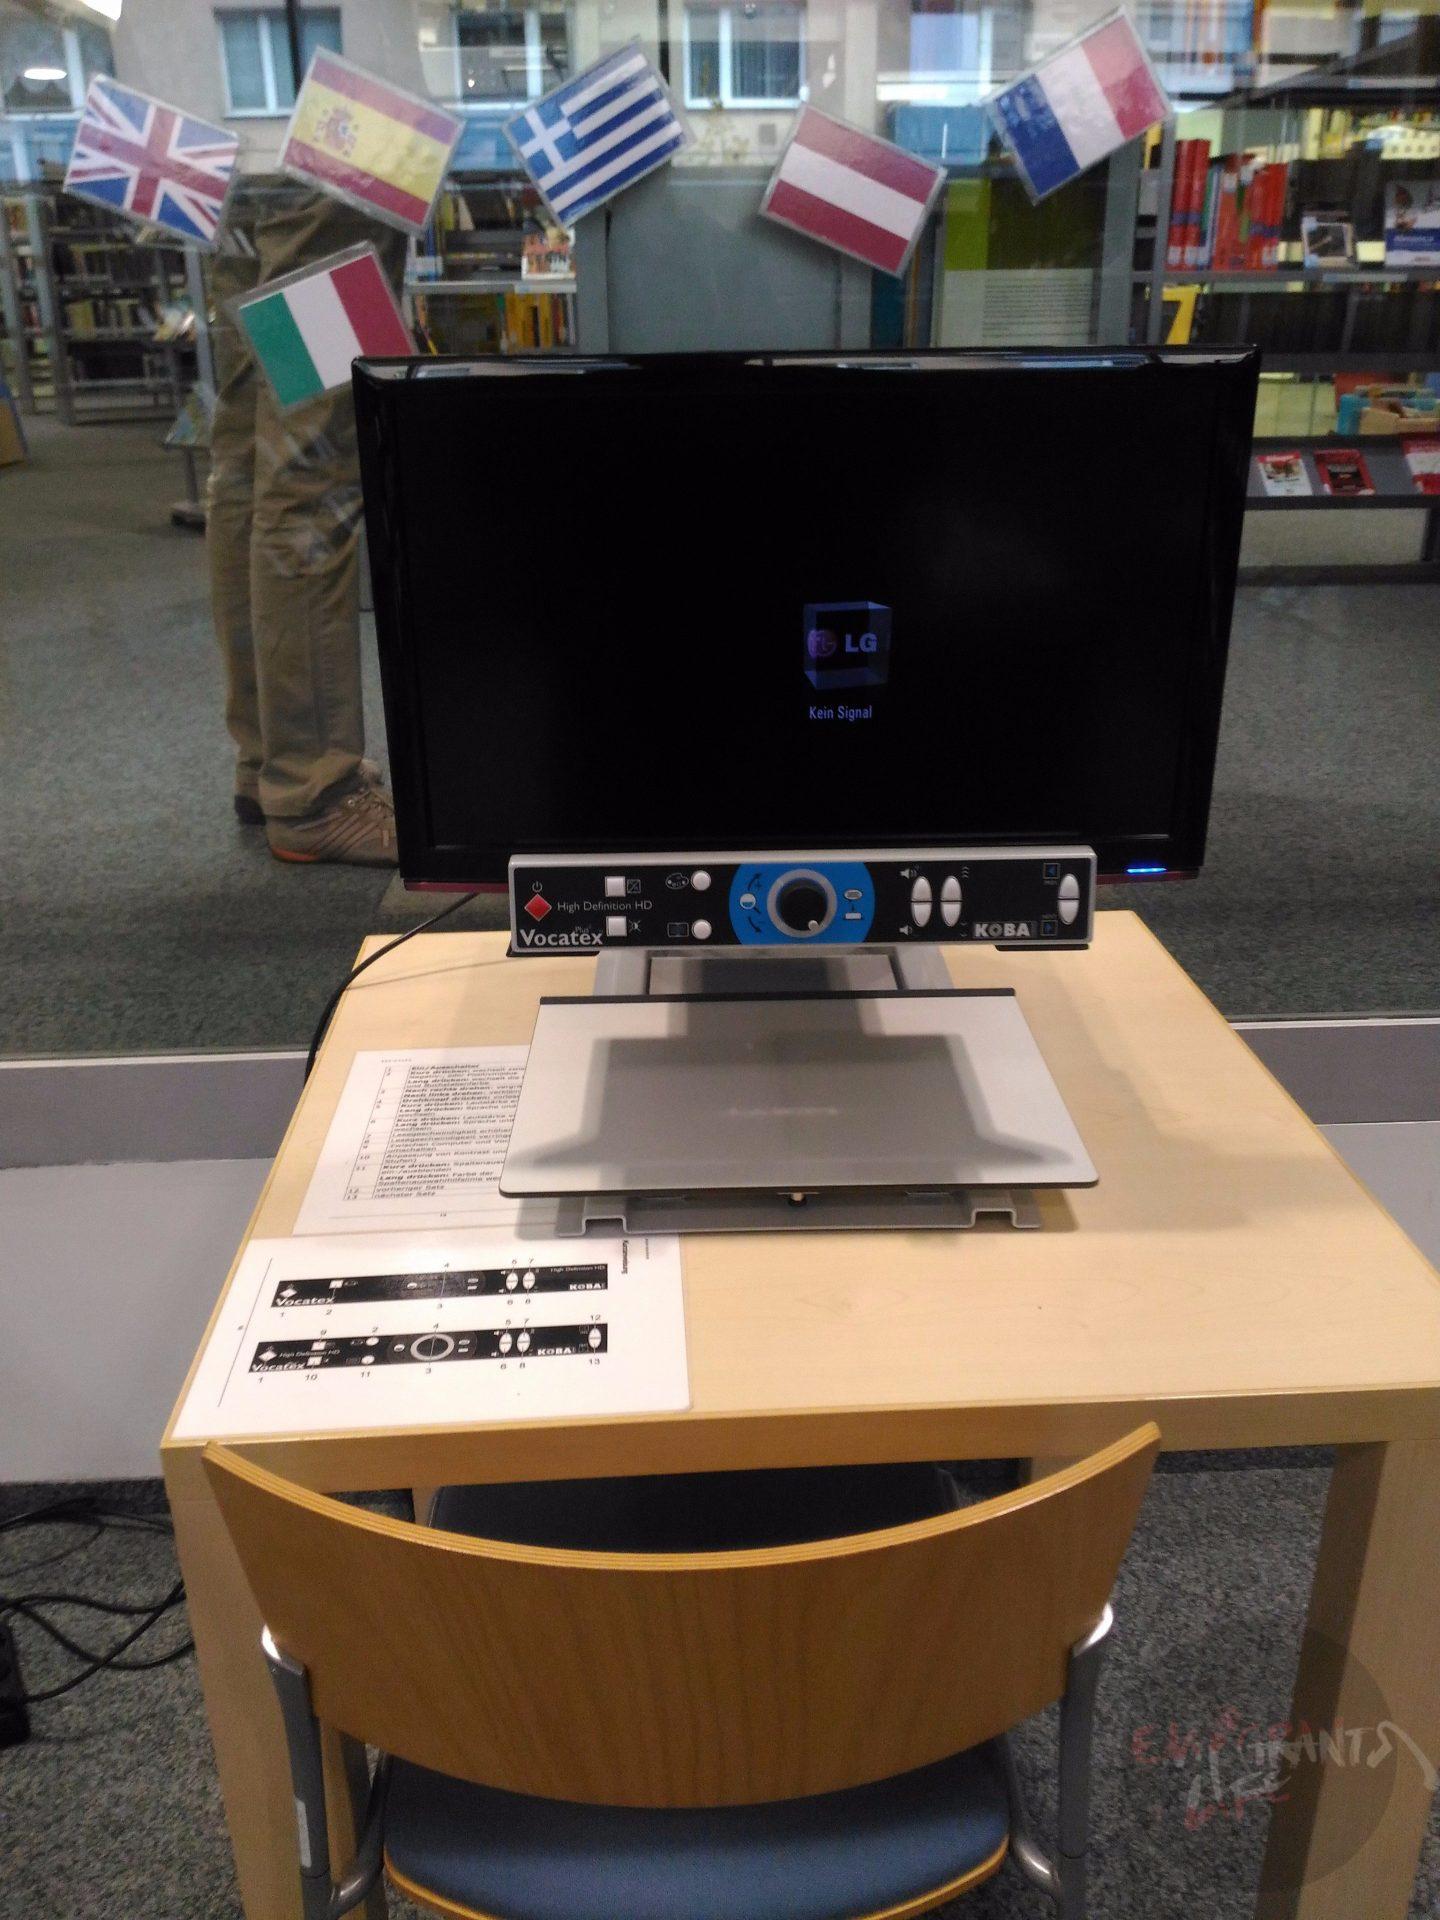 Этот аппарат сканирует книги и читает их вслух.